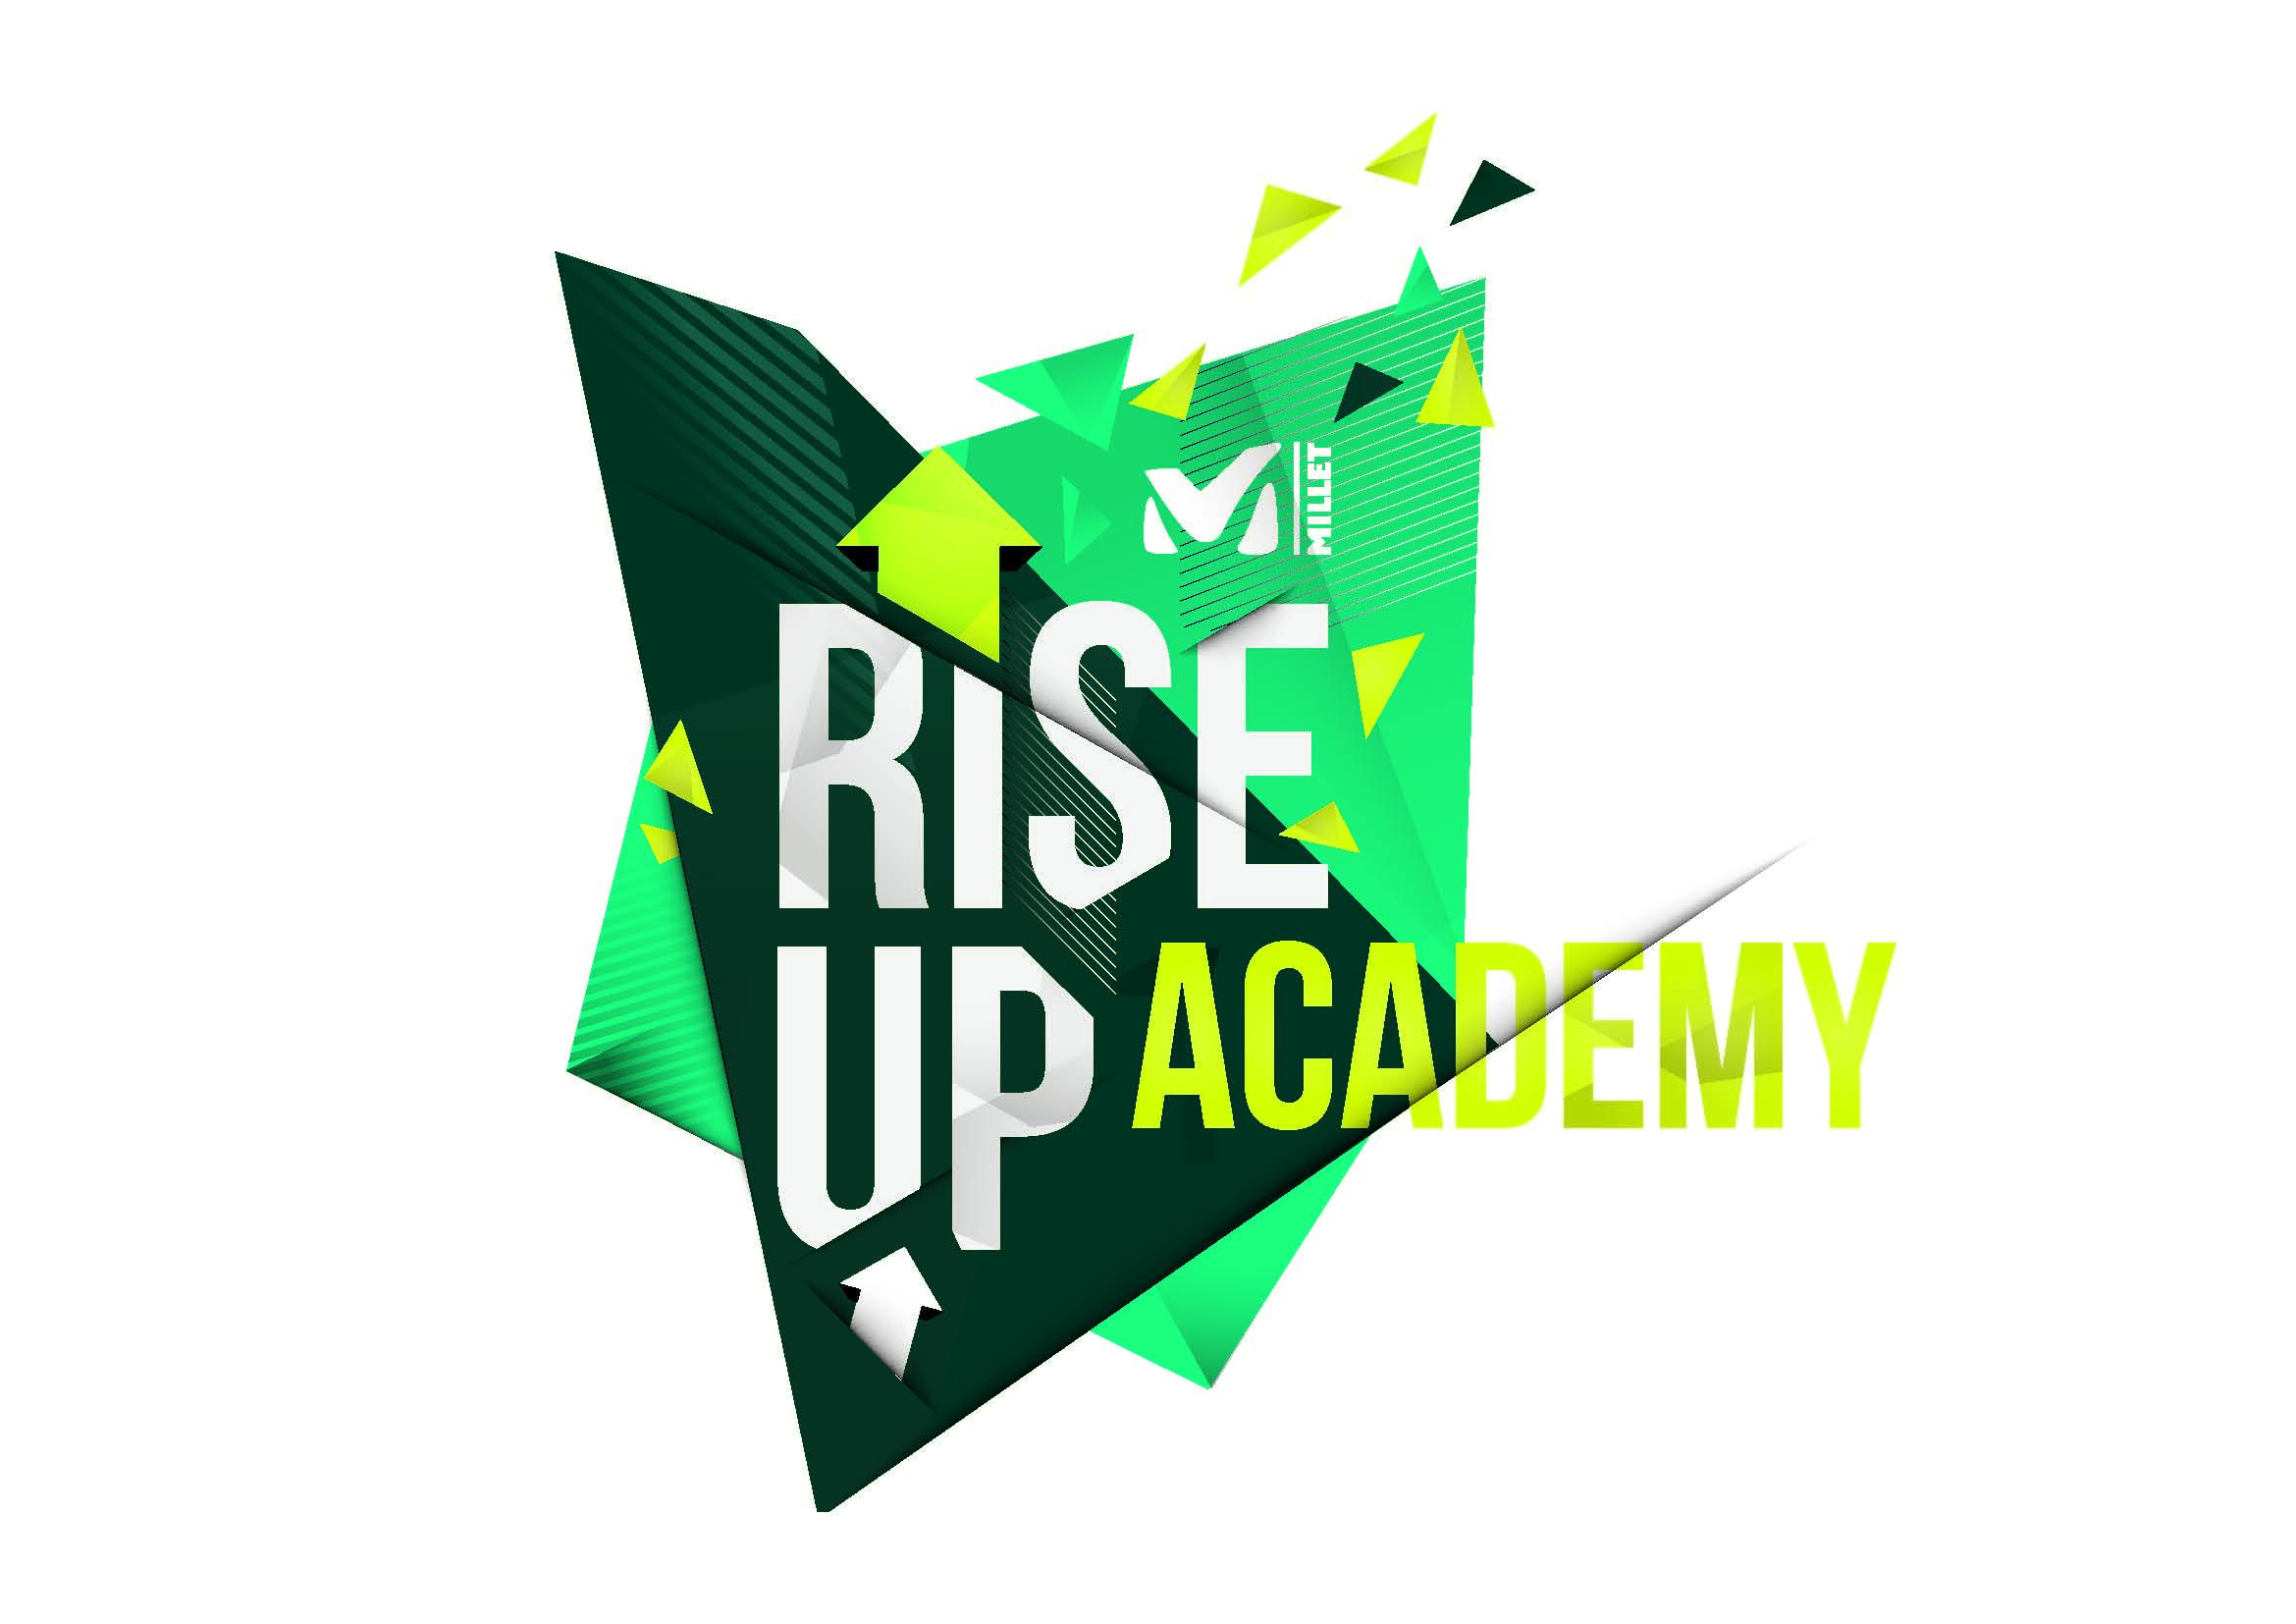 Event - Millet Rise Up Academy 2016: Outdoorspezialist lädt Endverbraucher zum exklusiven Gipfeltreffen nach Grindelwald - offizielles Logo (© Millet)